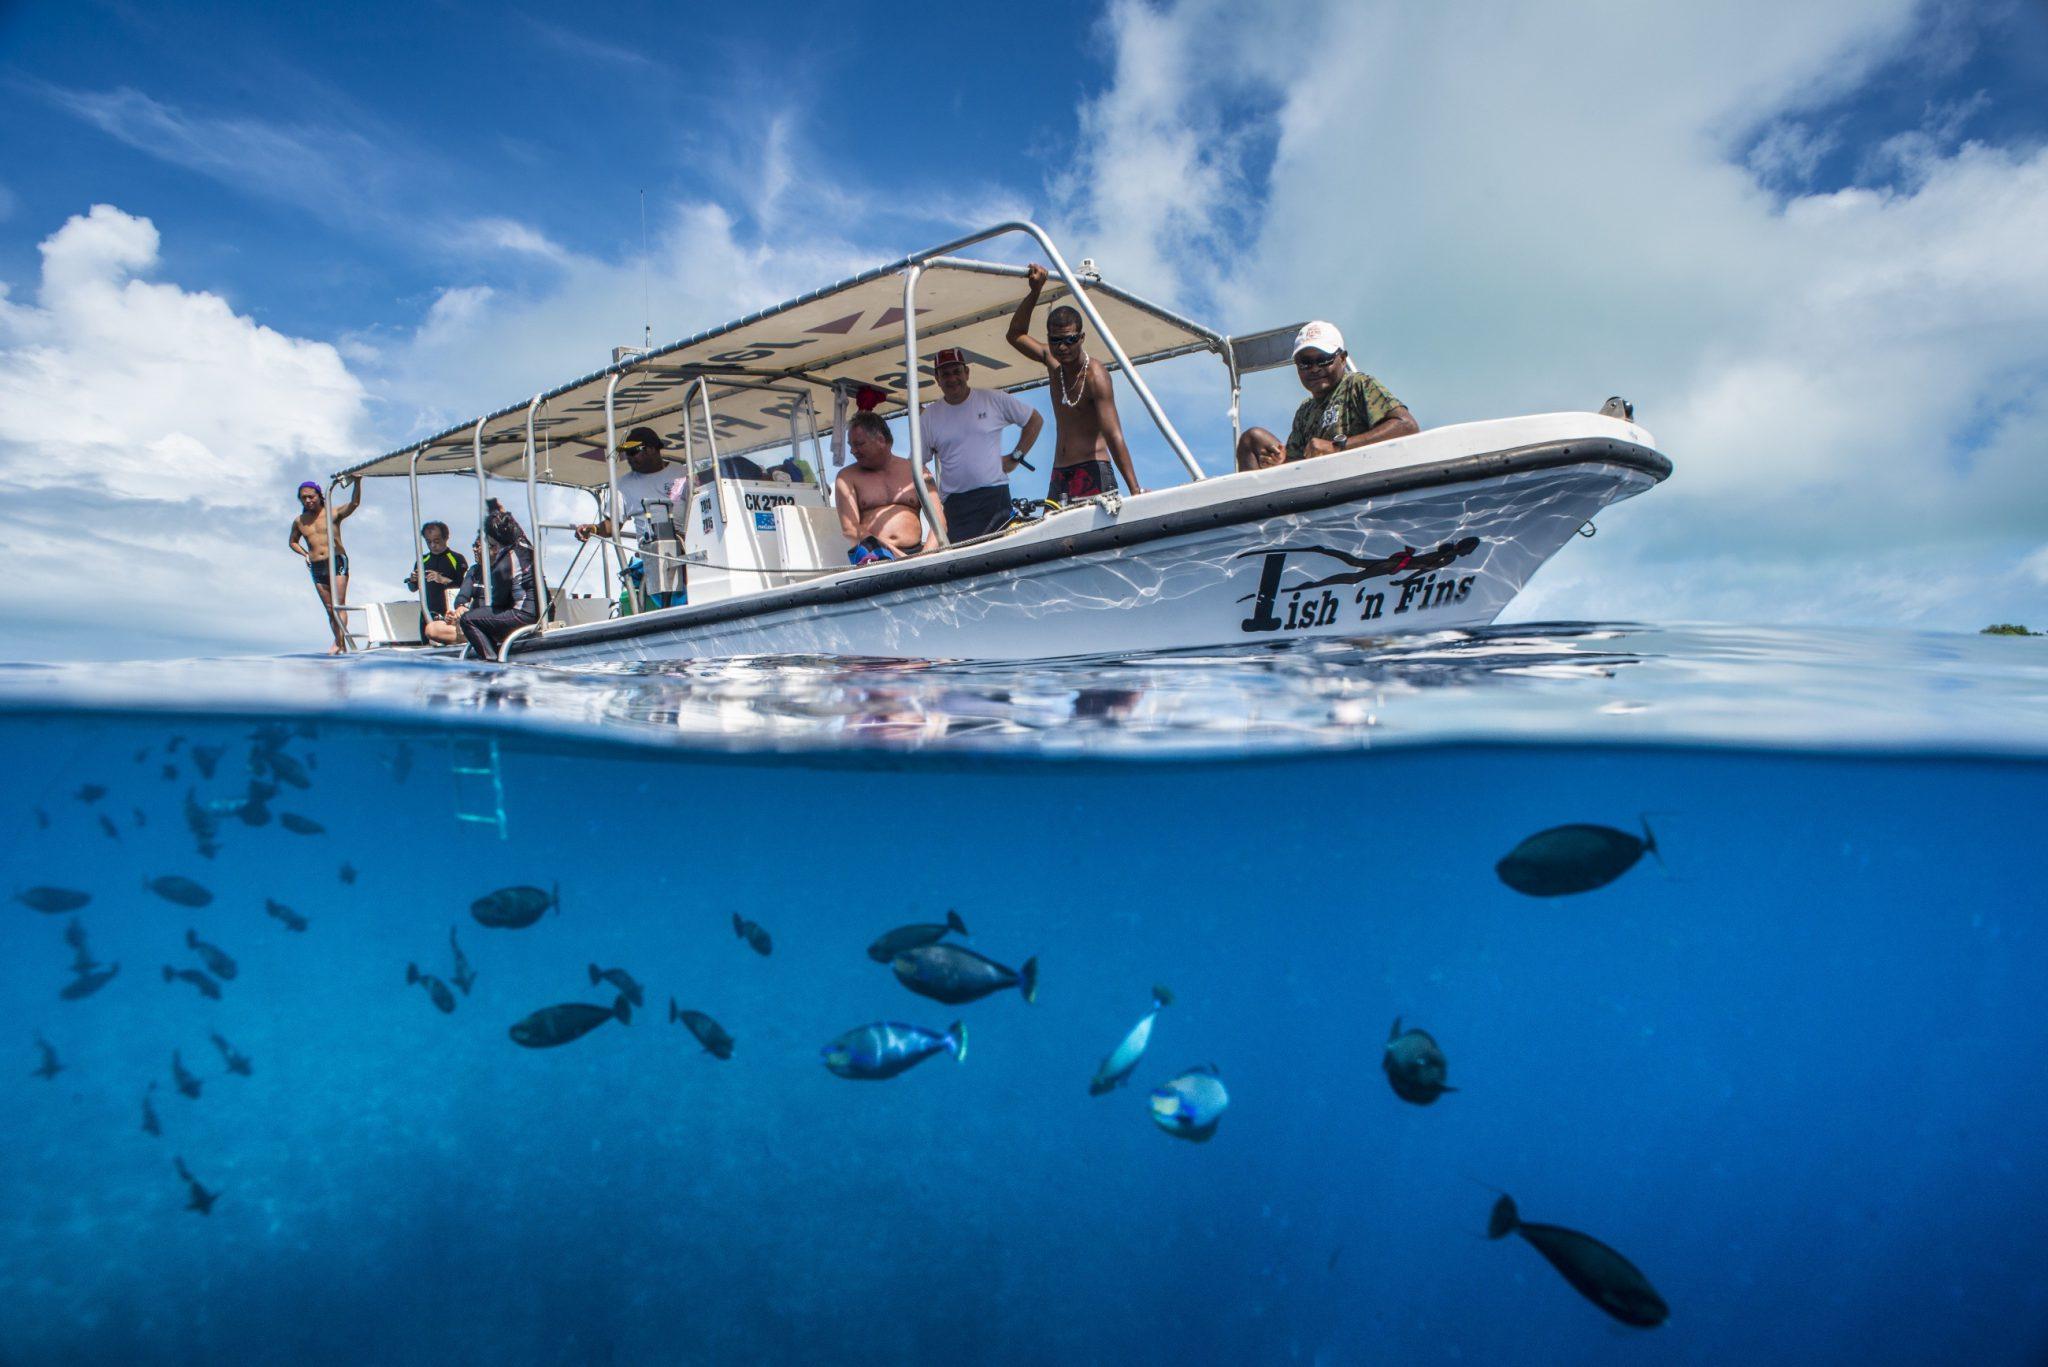 Fish n Fins boat - Fish n´Fins